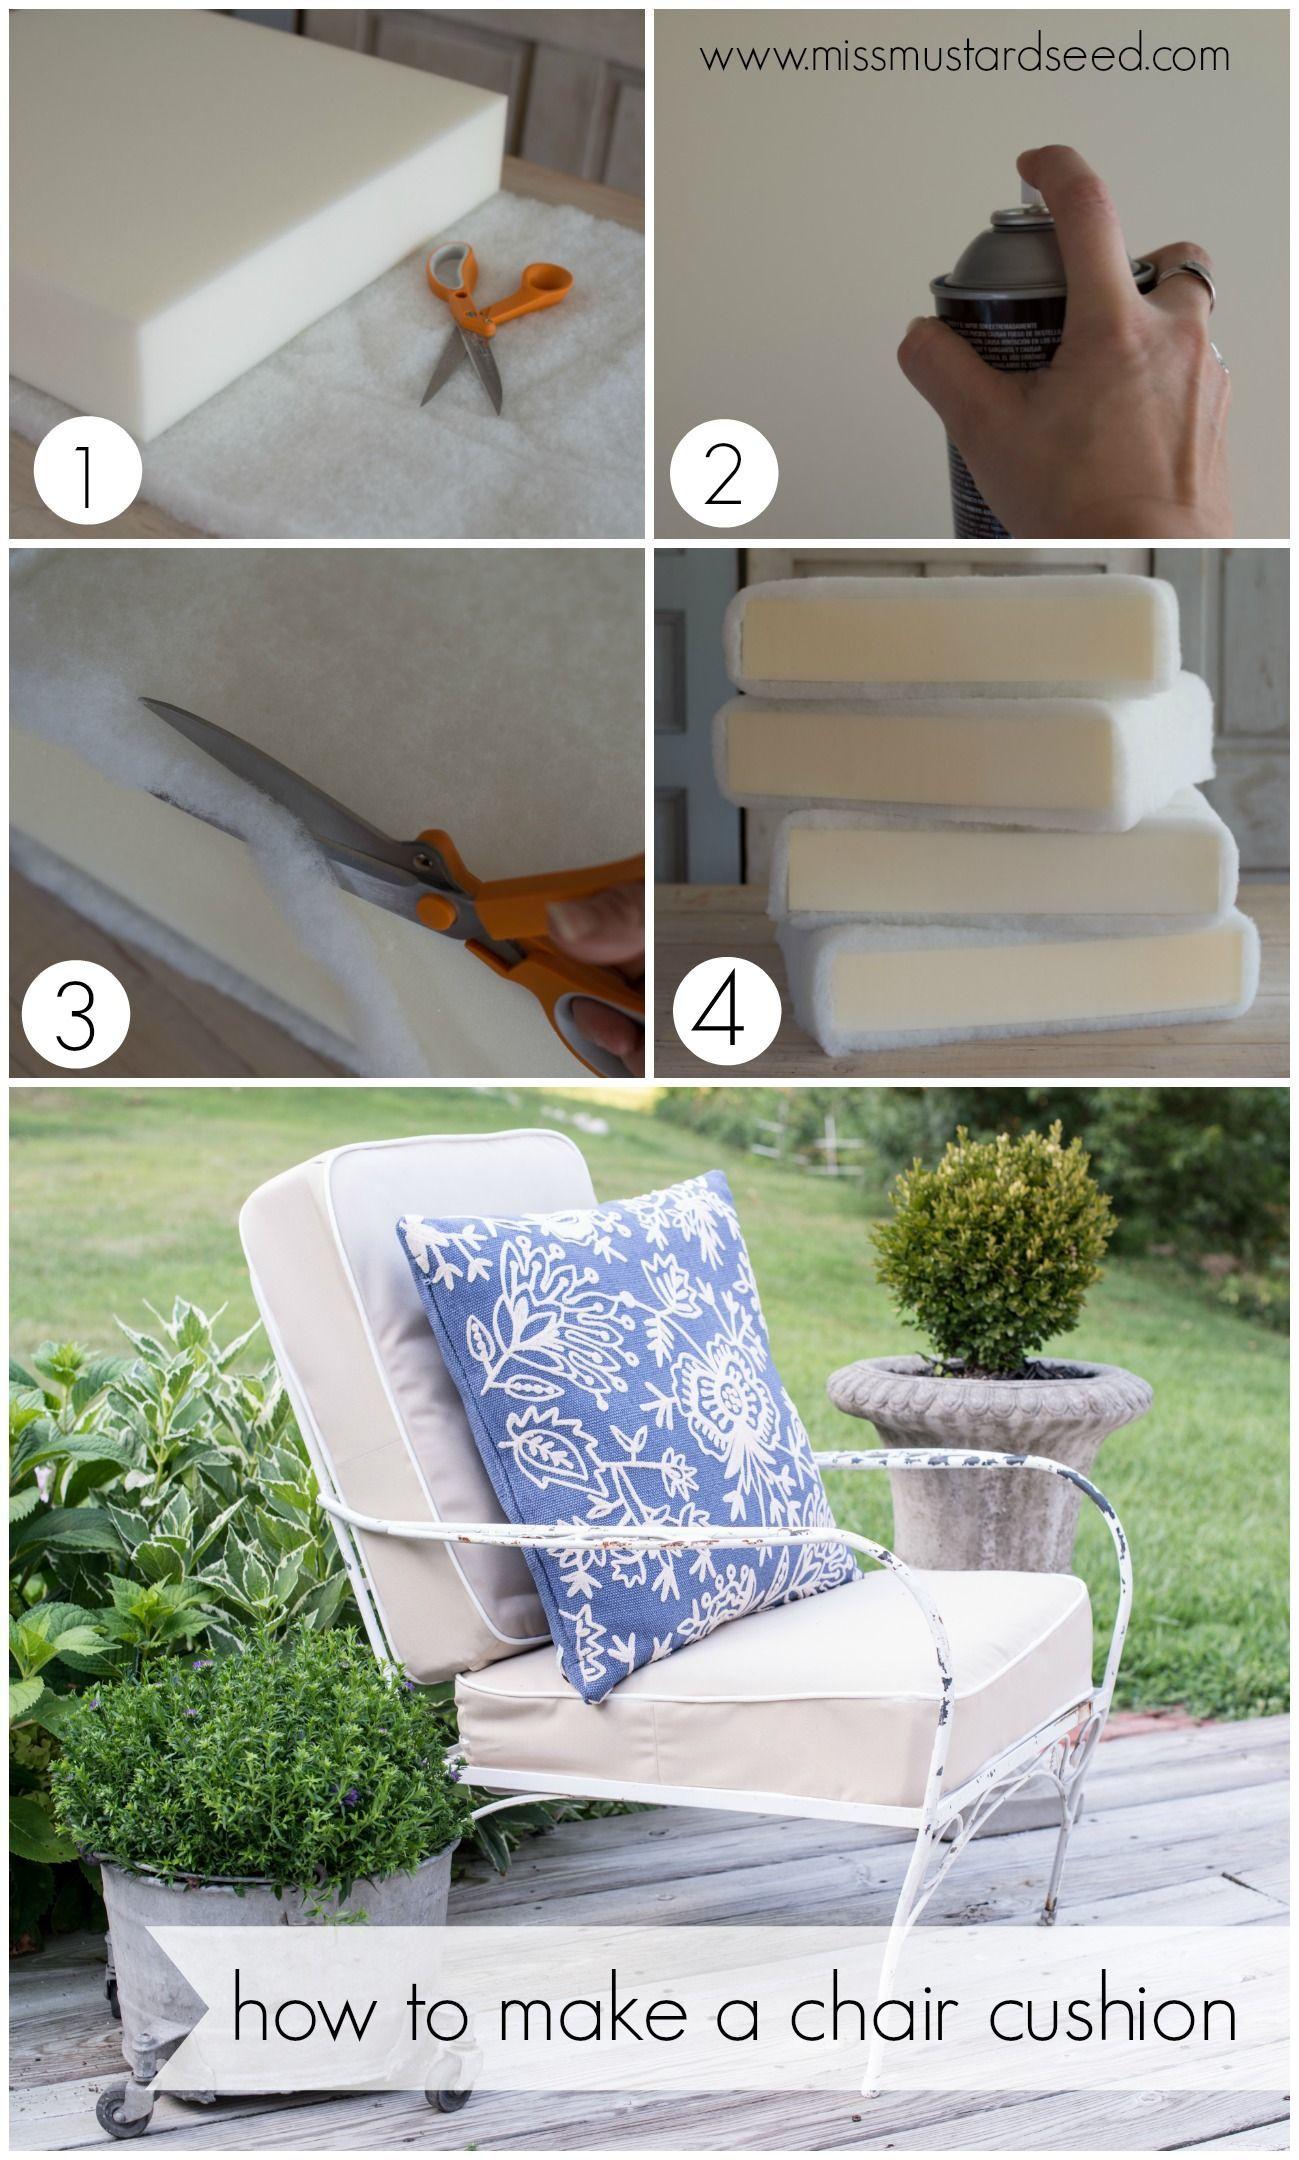 How To Make A Chair Cushion Chair Cushions Diy Chair Patio